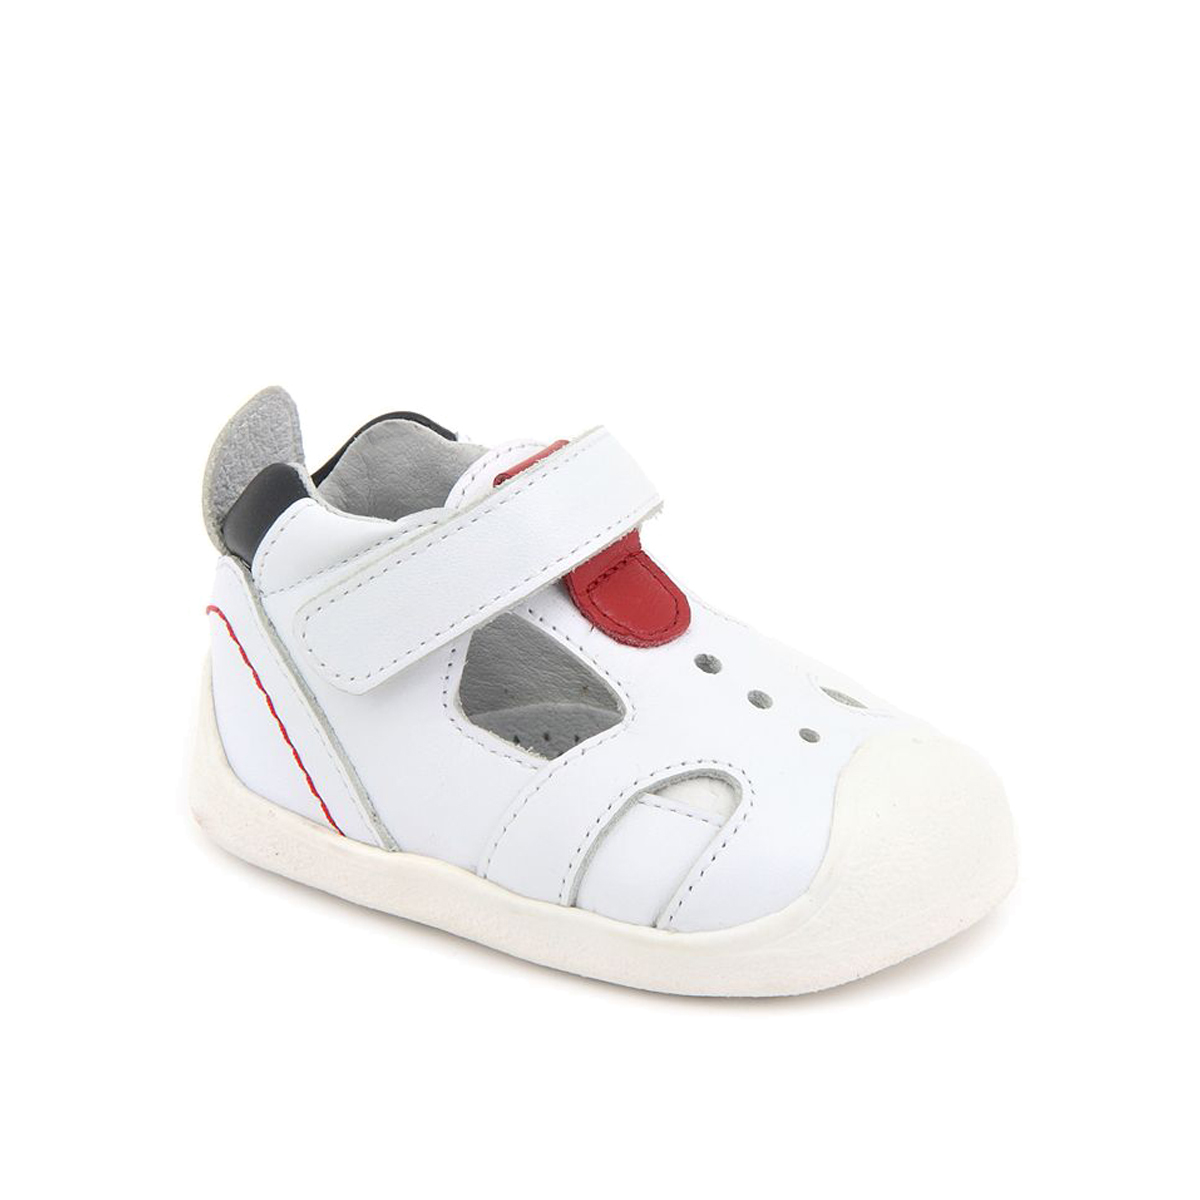 Chaussures Souple Fermées Sandales Ceremonie Semelle CerdxoB